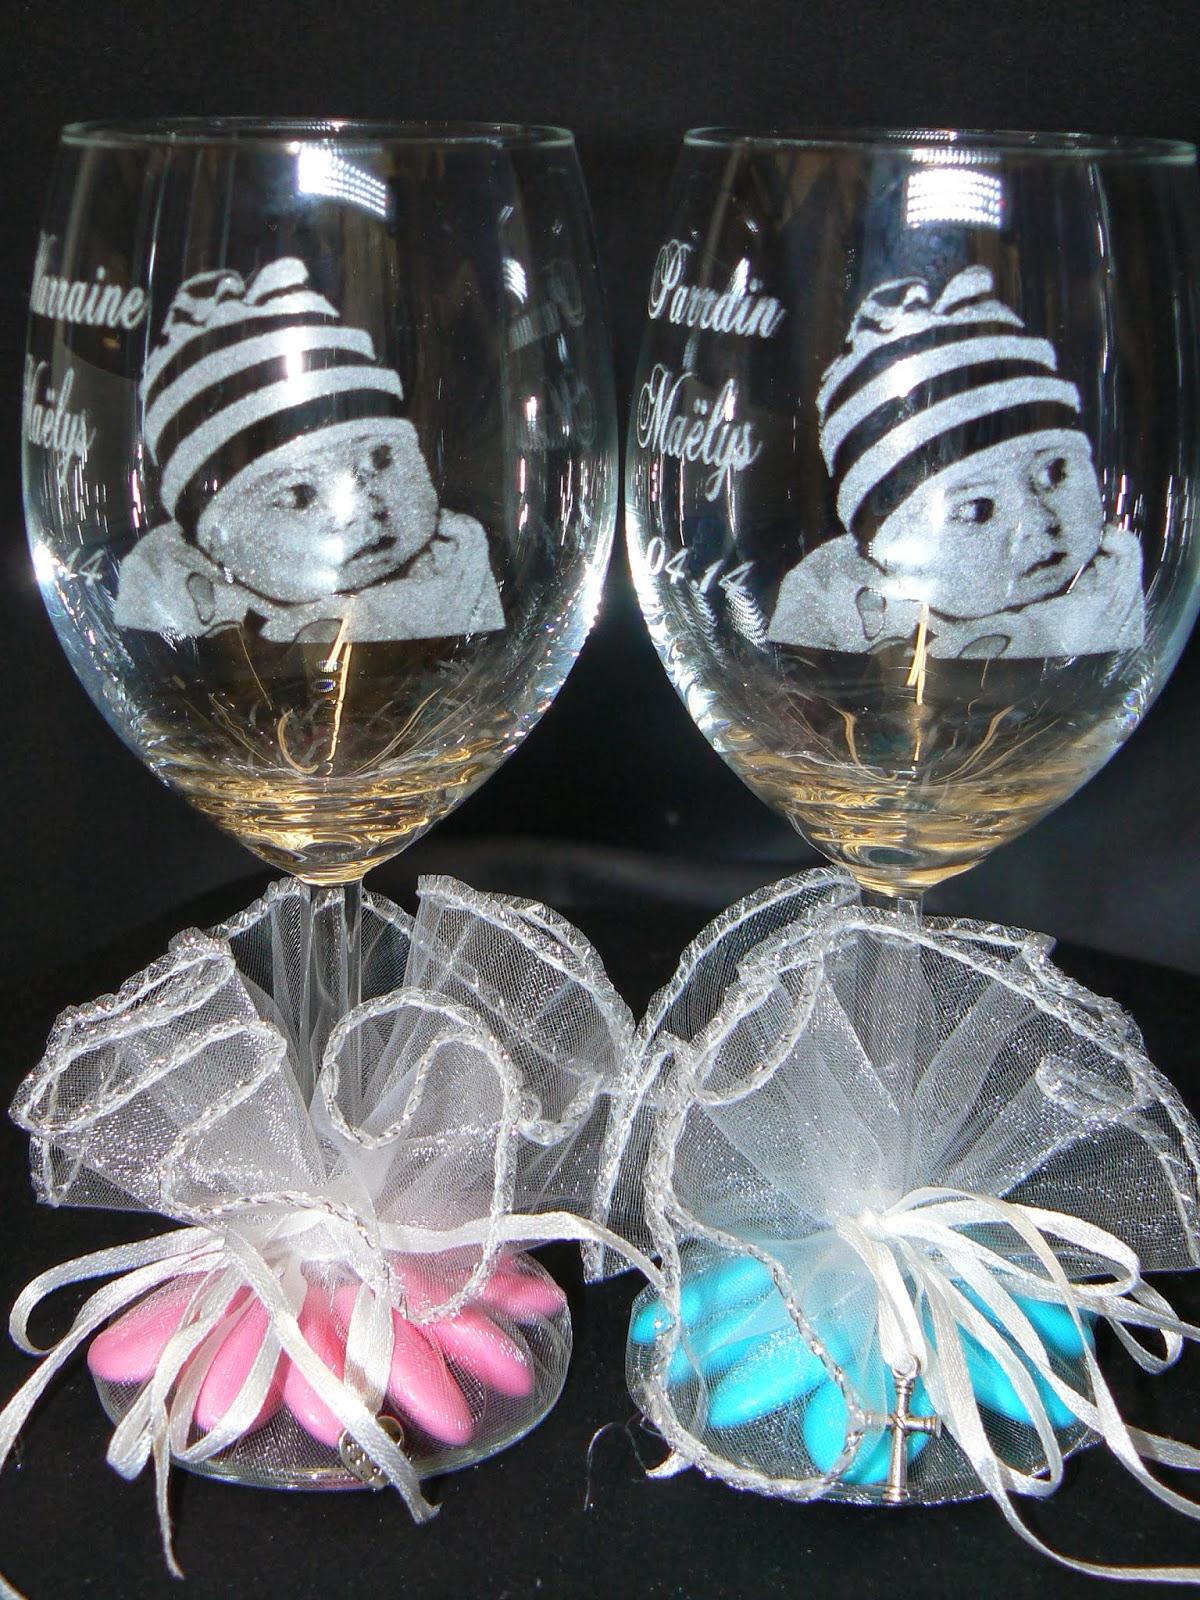 verre vin grav le plus beau cadeau pour marraine parrain maman papa mamie papy et vos invits utilisez la gravure portrait sur verre effet garanti - Gravure Sur Verre Mariage Bapteme